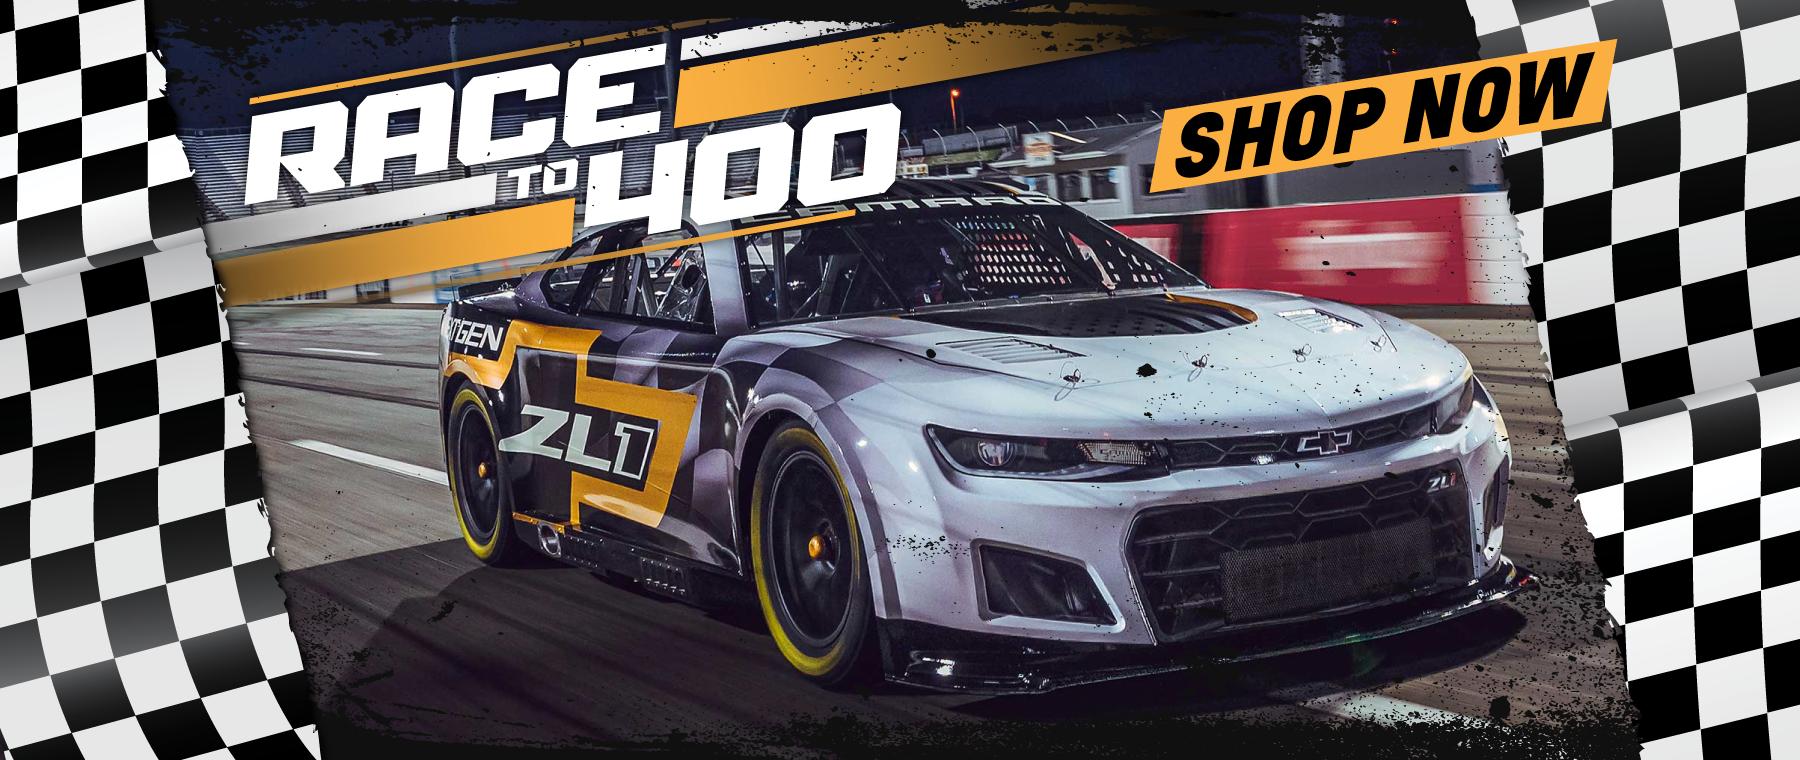 ECC-Race400-Slider